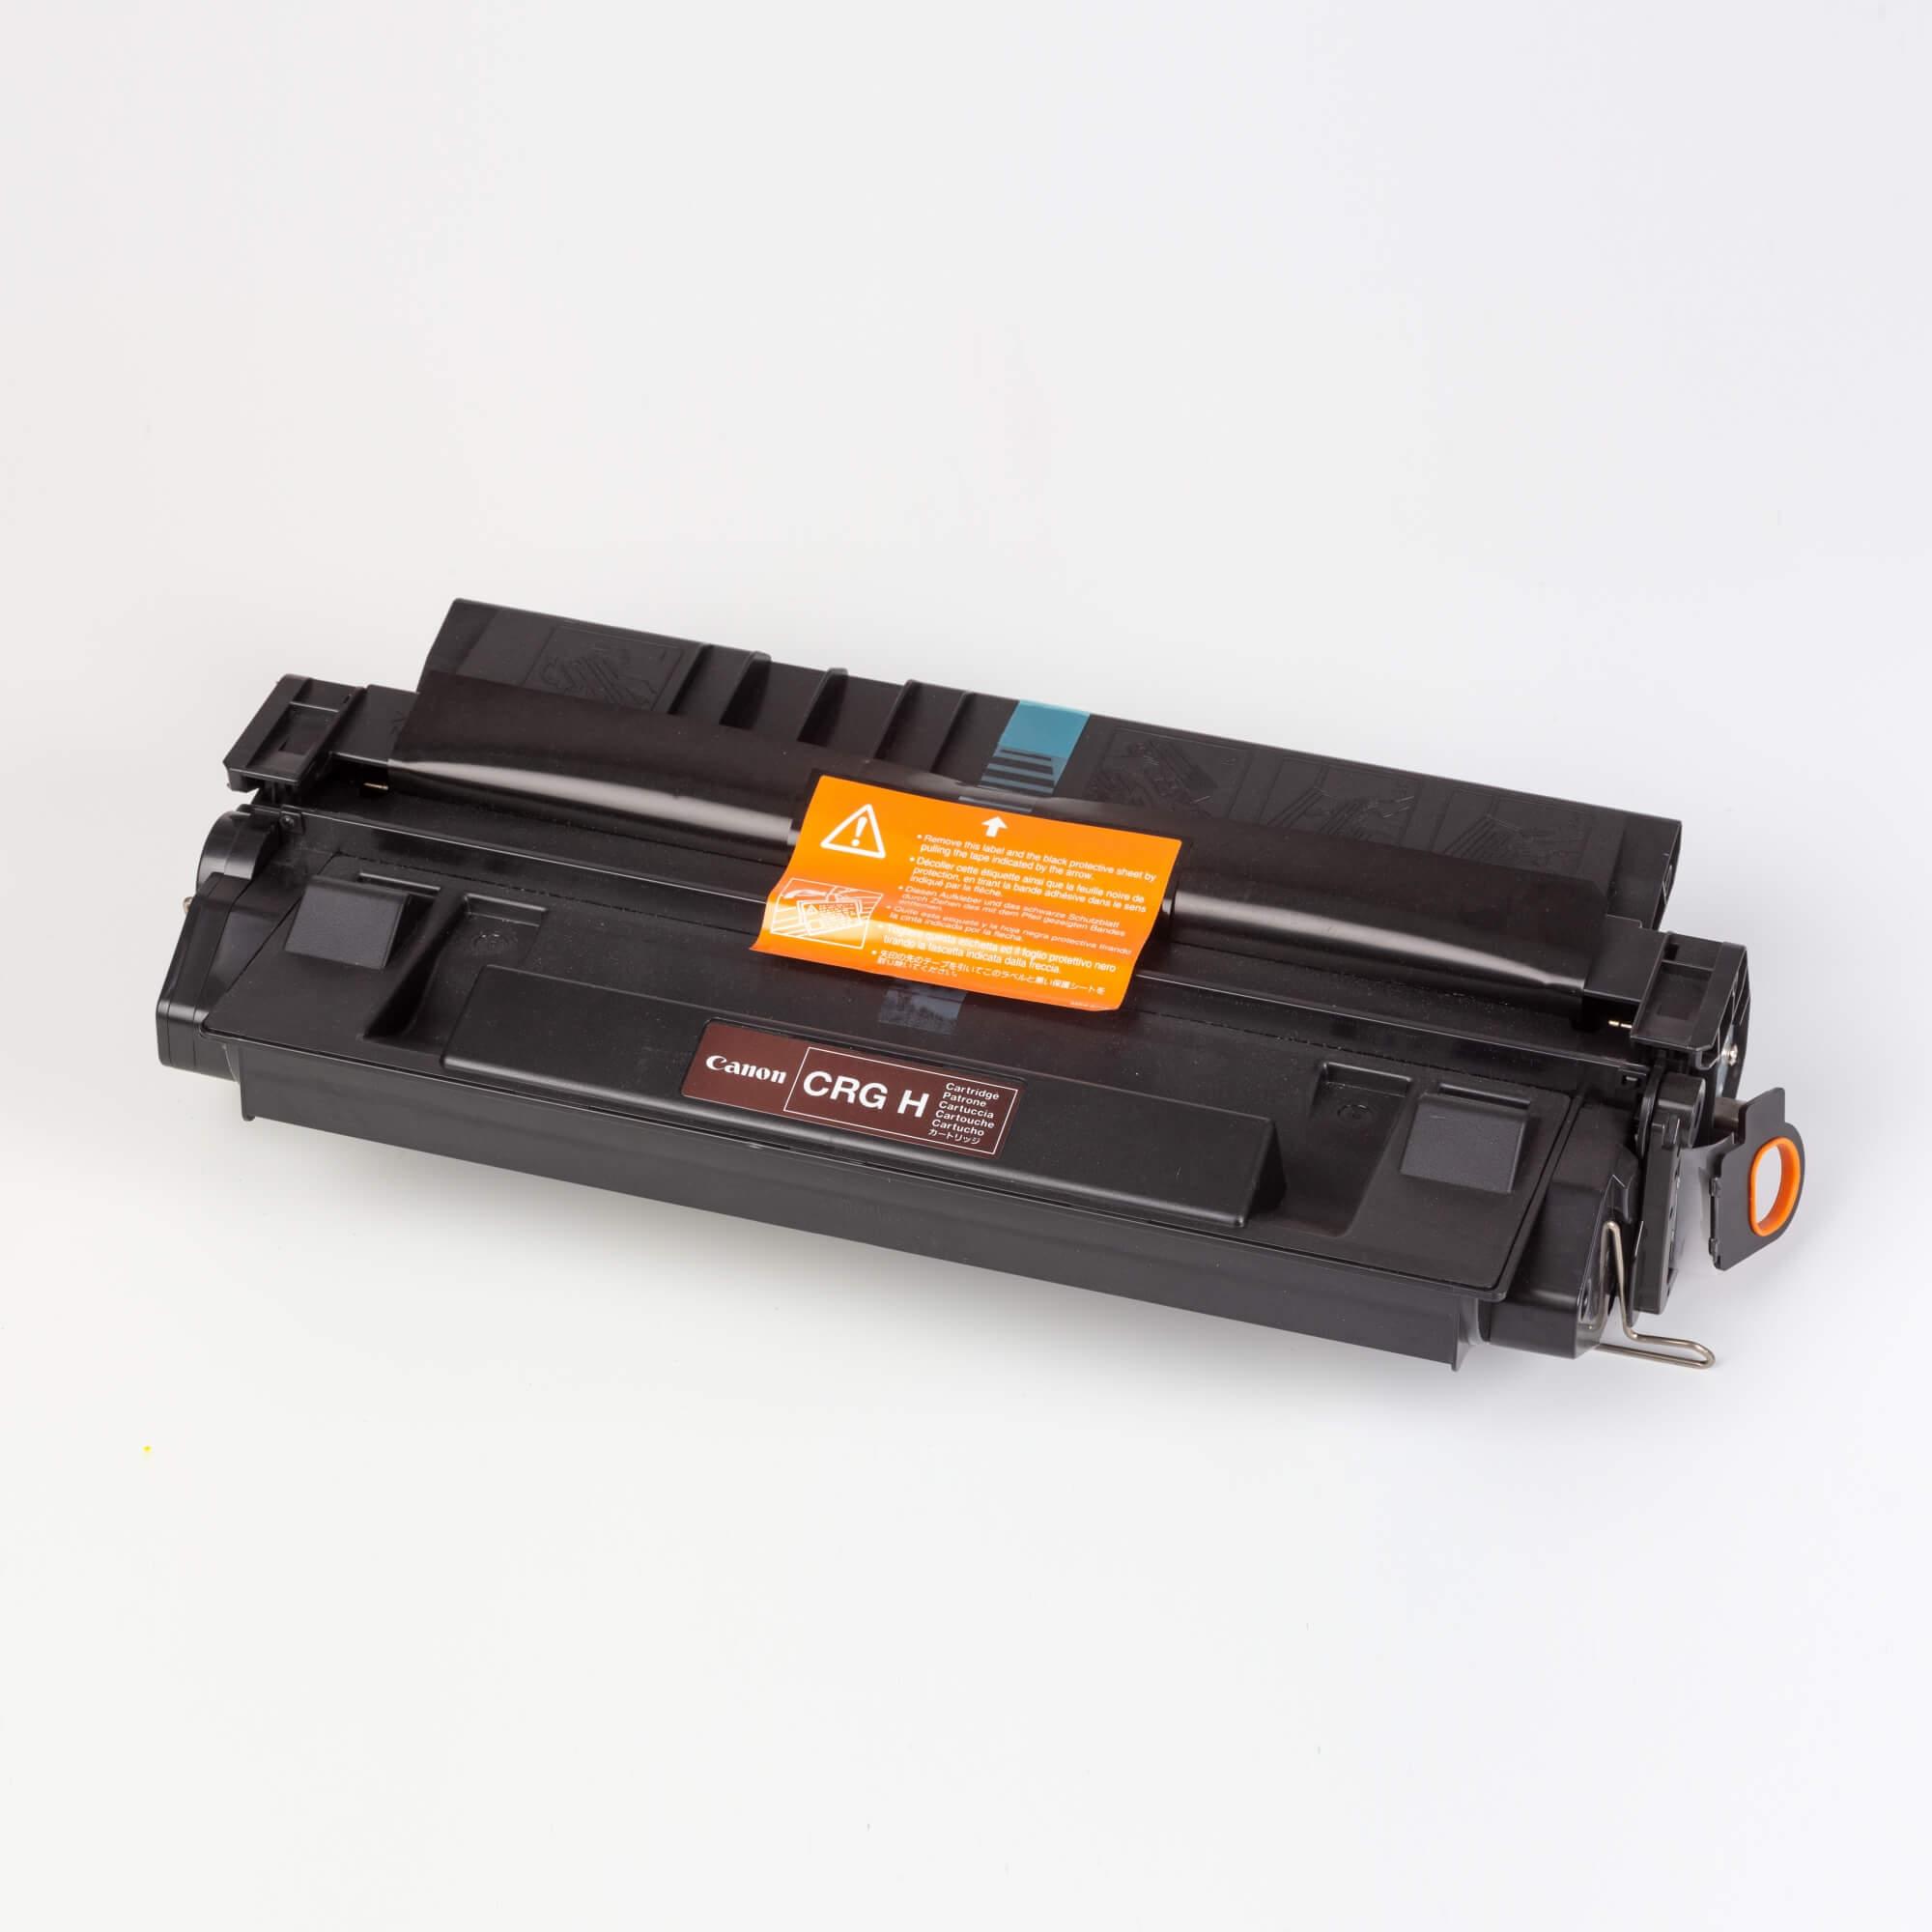 Auf dem Bild sehen Sie eine Canon 1500A003 Cartridge H Original Tonerkartusche schwarz